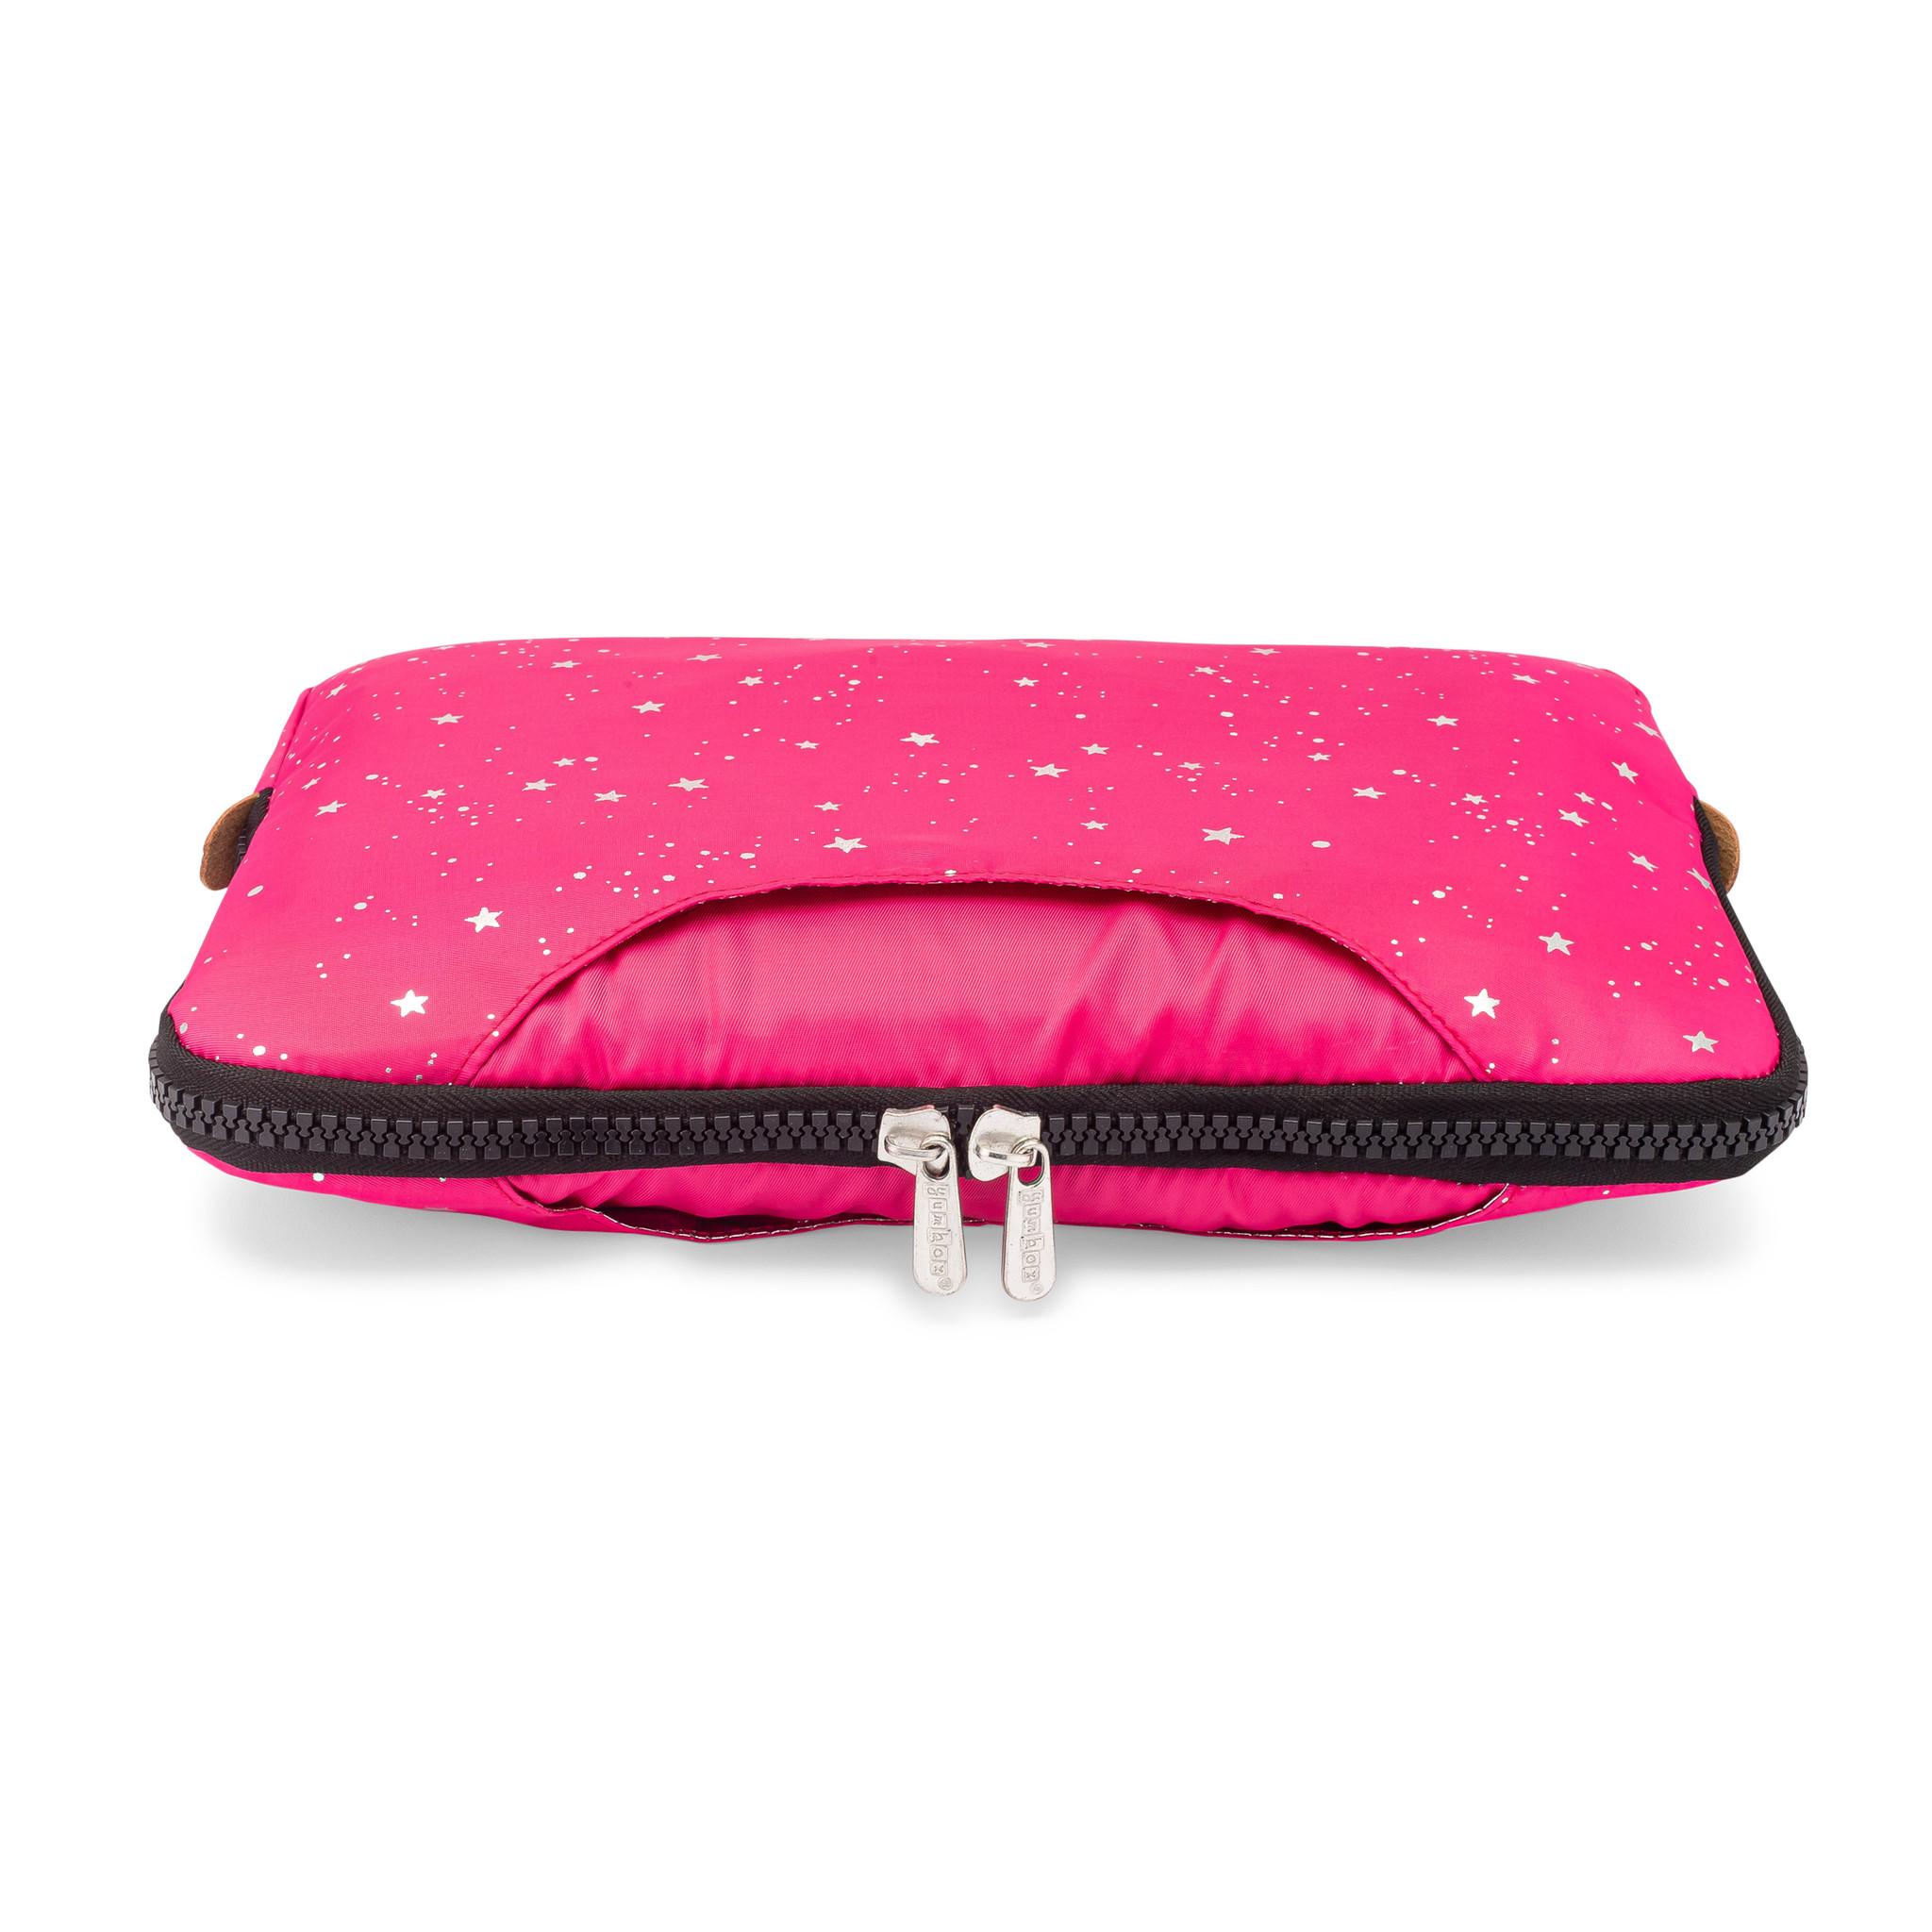 Yumbox Poche met handgrepen roze / sterren-3